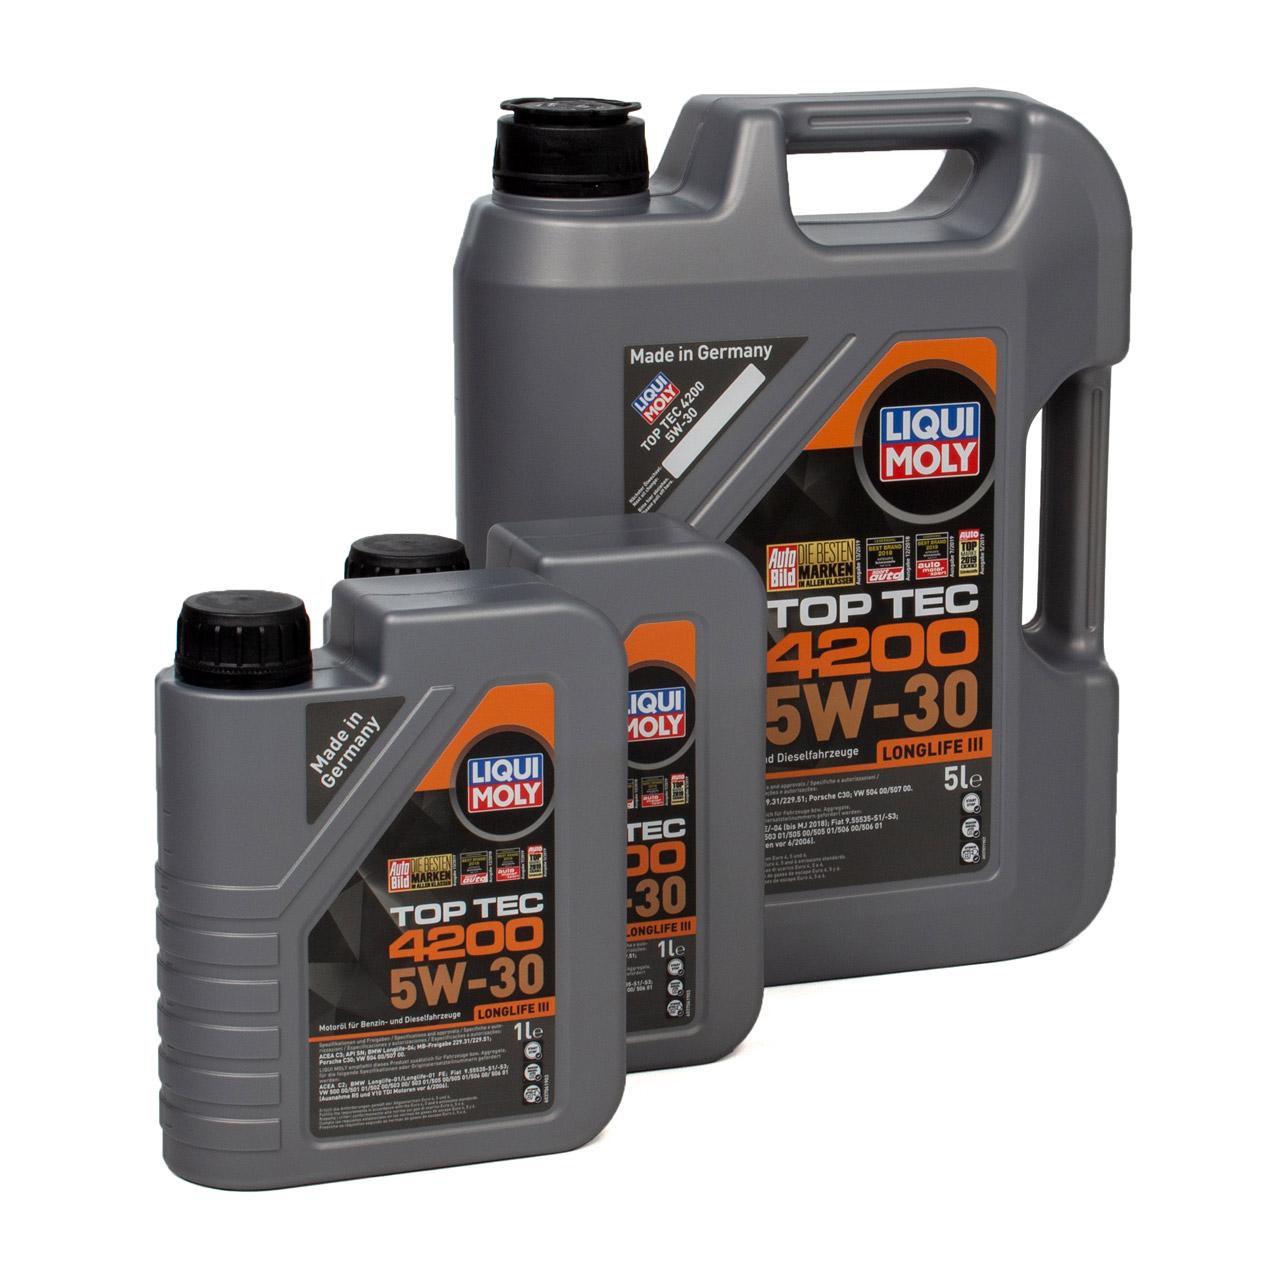 LIQUI MOLY 7L 7 Liter Motoröl Öl TOP TEC 4200 5W30 5W-30 3707 VW 504.00 507.00